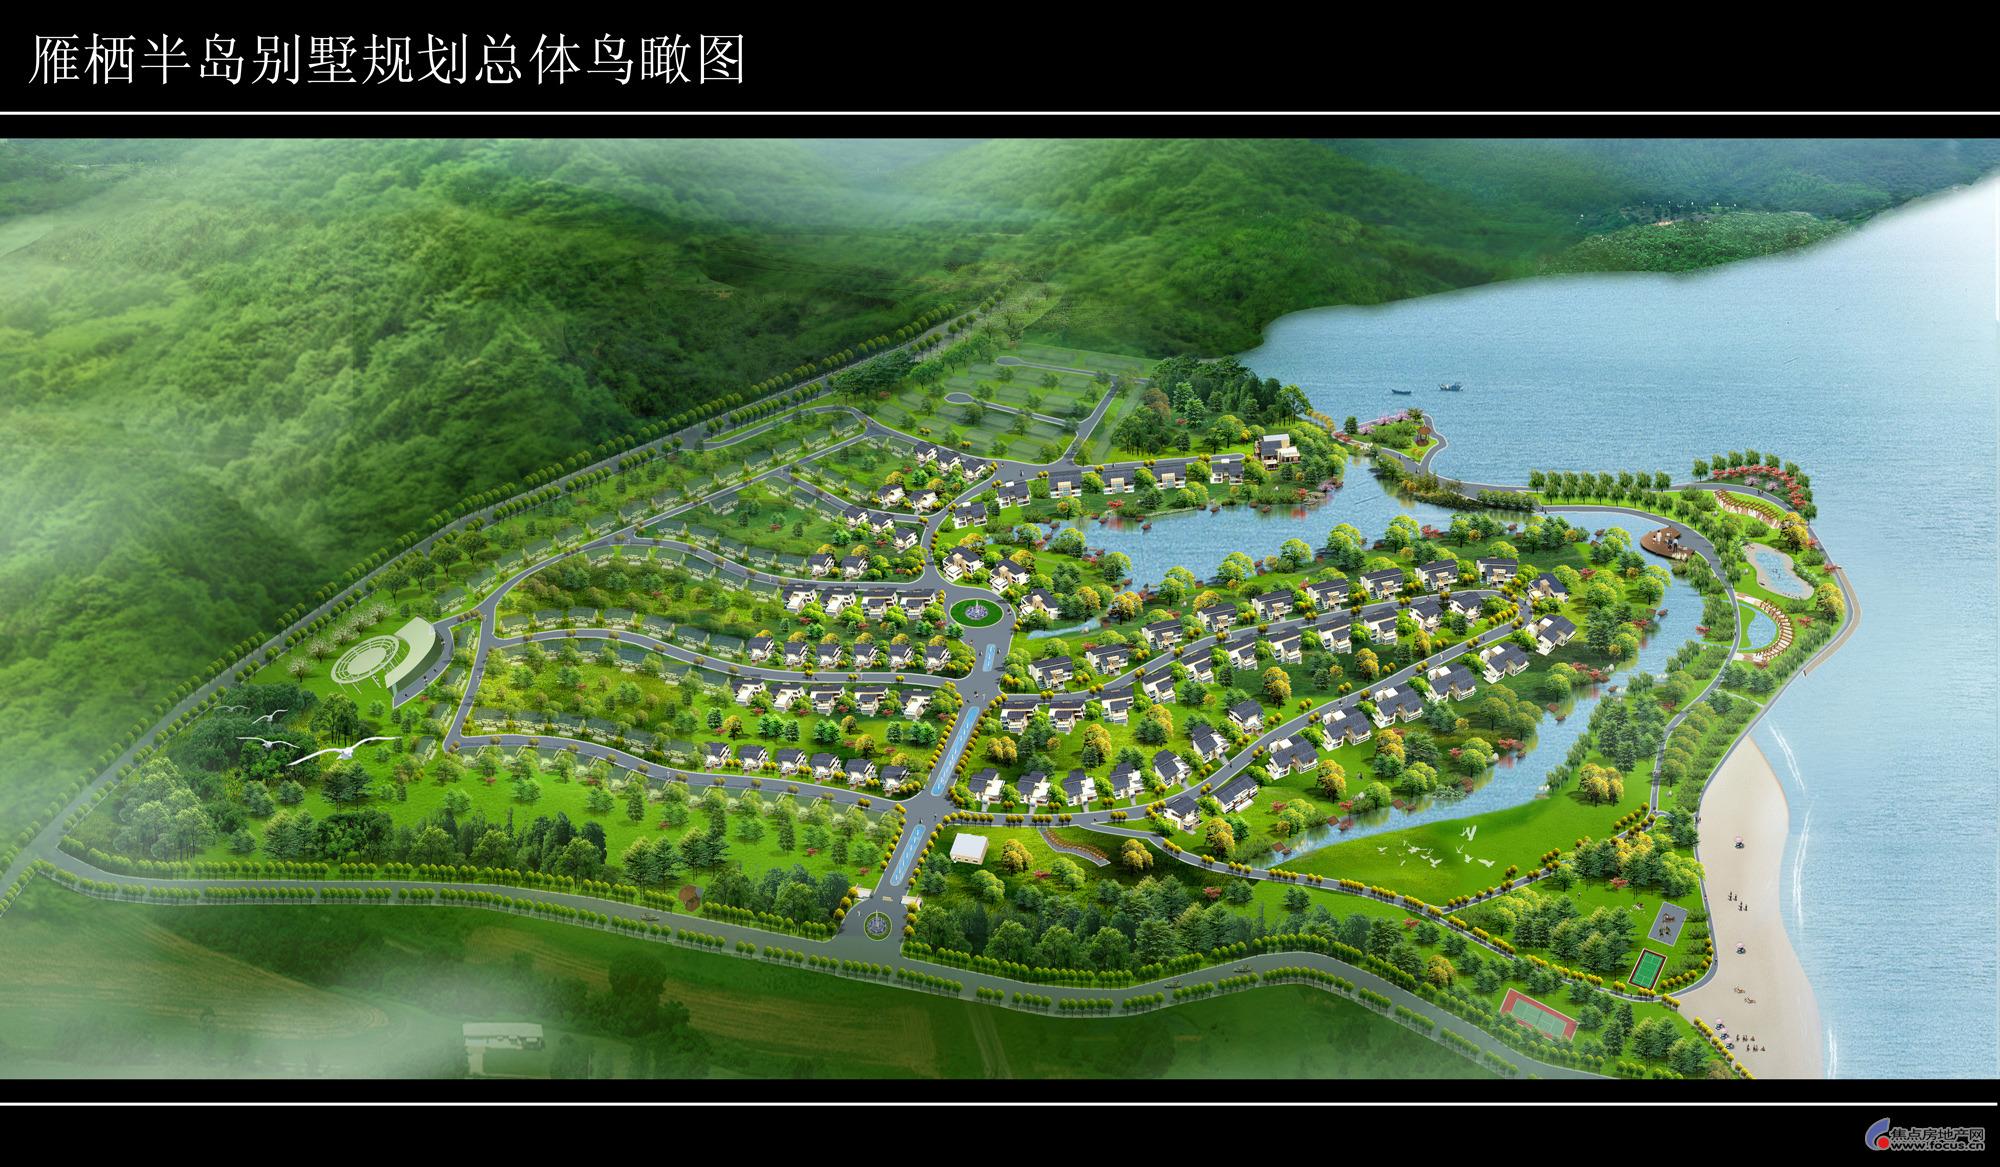 雁栖半岛别墅规划总体鸟瞰图.jpg-北京搜狐焦点网